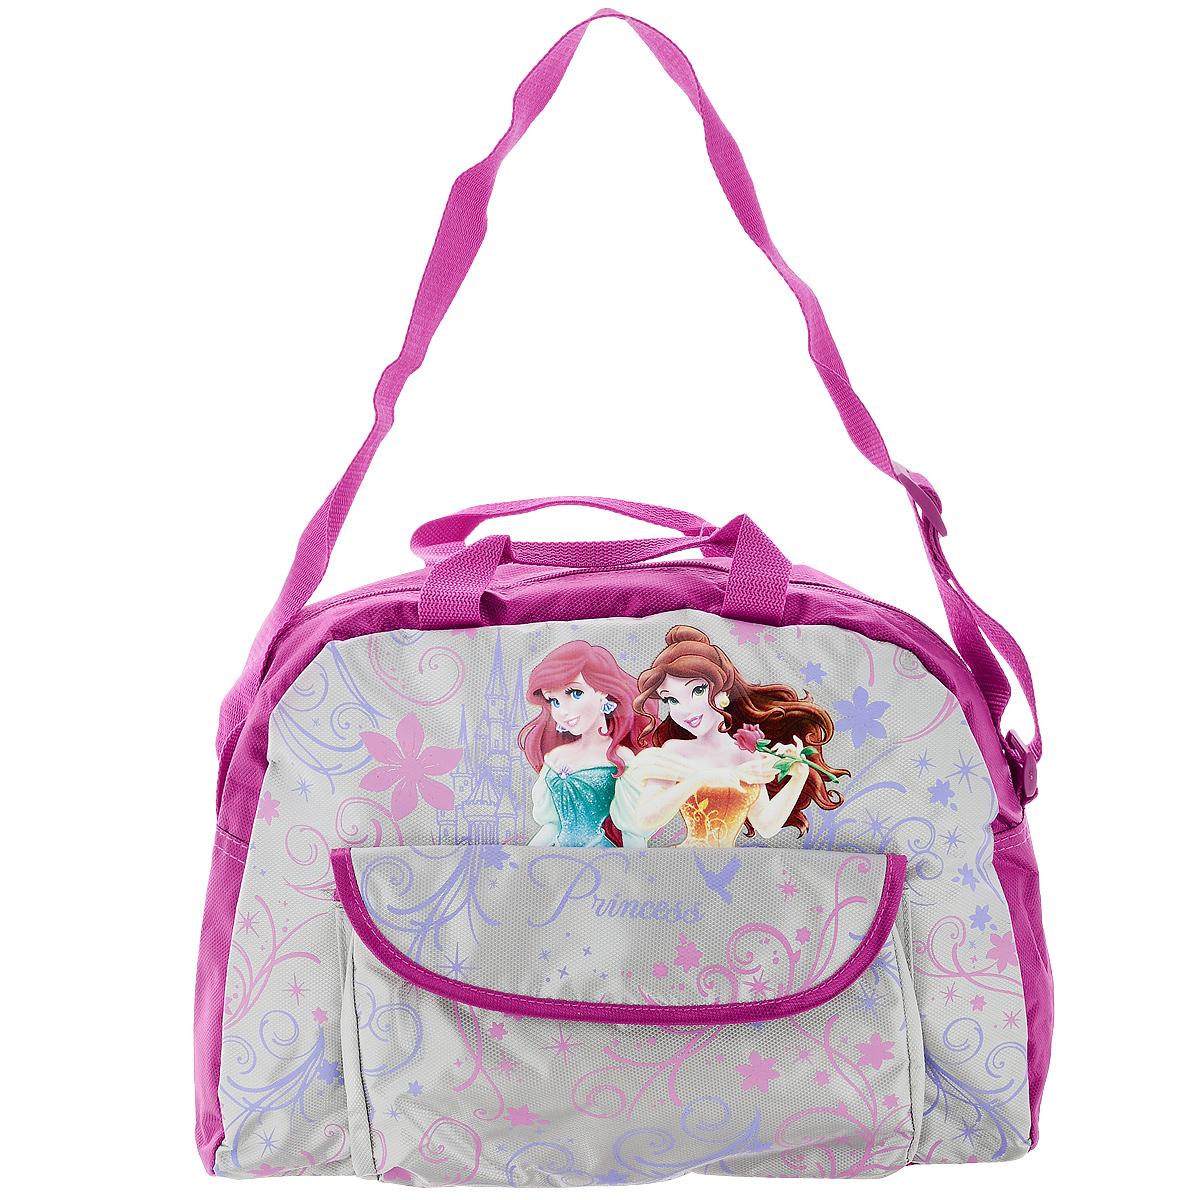 Сумка детская Disney Princess, цвет: розовый, серый. PRAS-UT-437772523WDСумка детская Disney Princess, выполненная из плотного, водоотталкивающего полиэстера, оформлена изображением прекрасных принцесс.Сумочка имеет одно большое вместительное отделение, закрывающееся на застежку-молнию, куда можно положить все необходимые принадлежности и аксессуары. Внутри отделения находятся два накладных кармана.На лицевой стороне сумки имеется накладной карман на кнопке. Сумка оснащена регулирующимся по длине широким текстильным ремнем для переноски на плече и двумя ручками.Сумка Disney Princess - идеальный вариант аксессуара на время прогулки или путешествия.